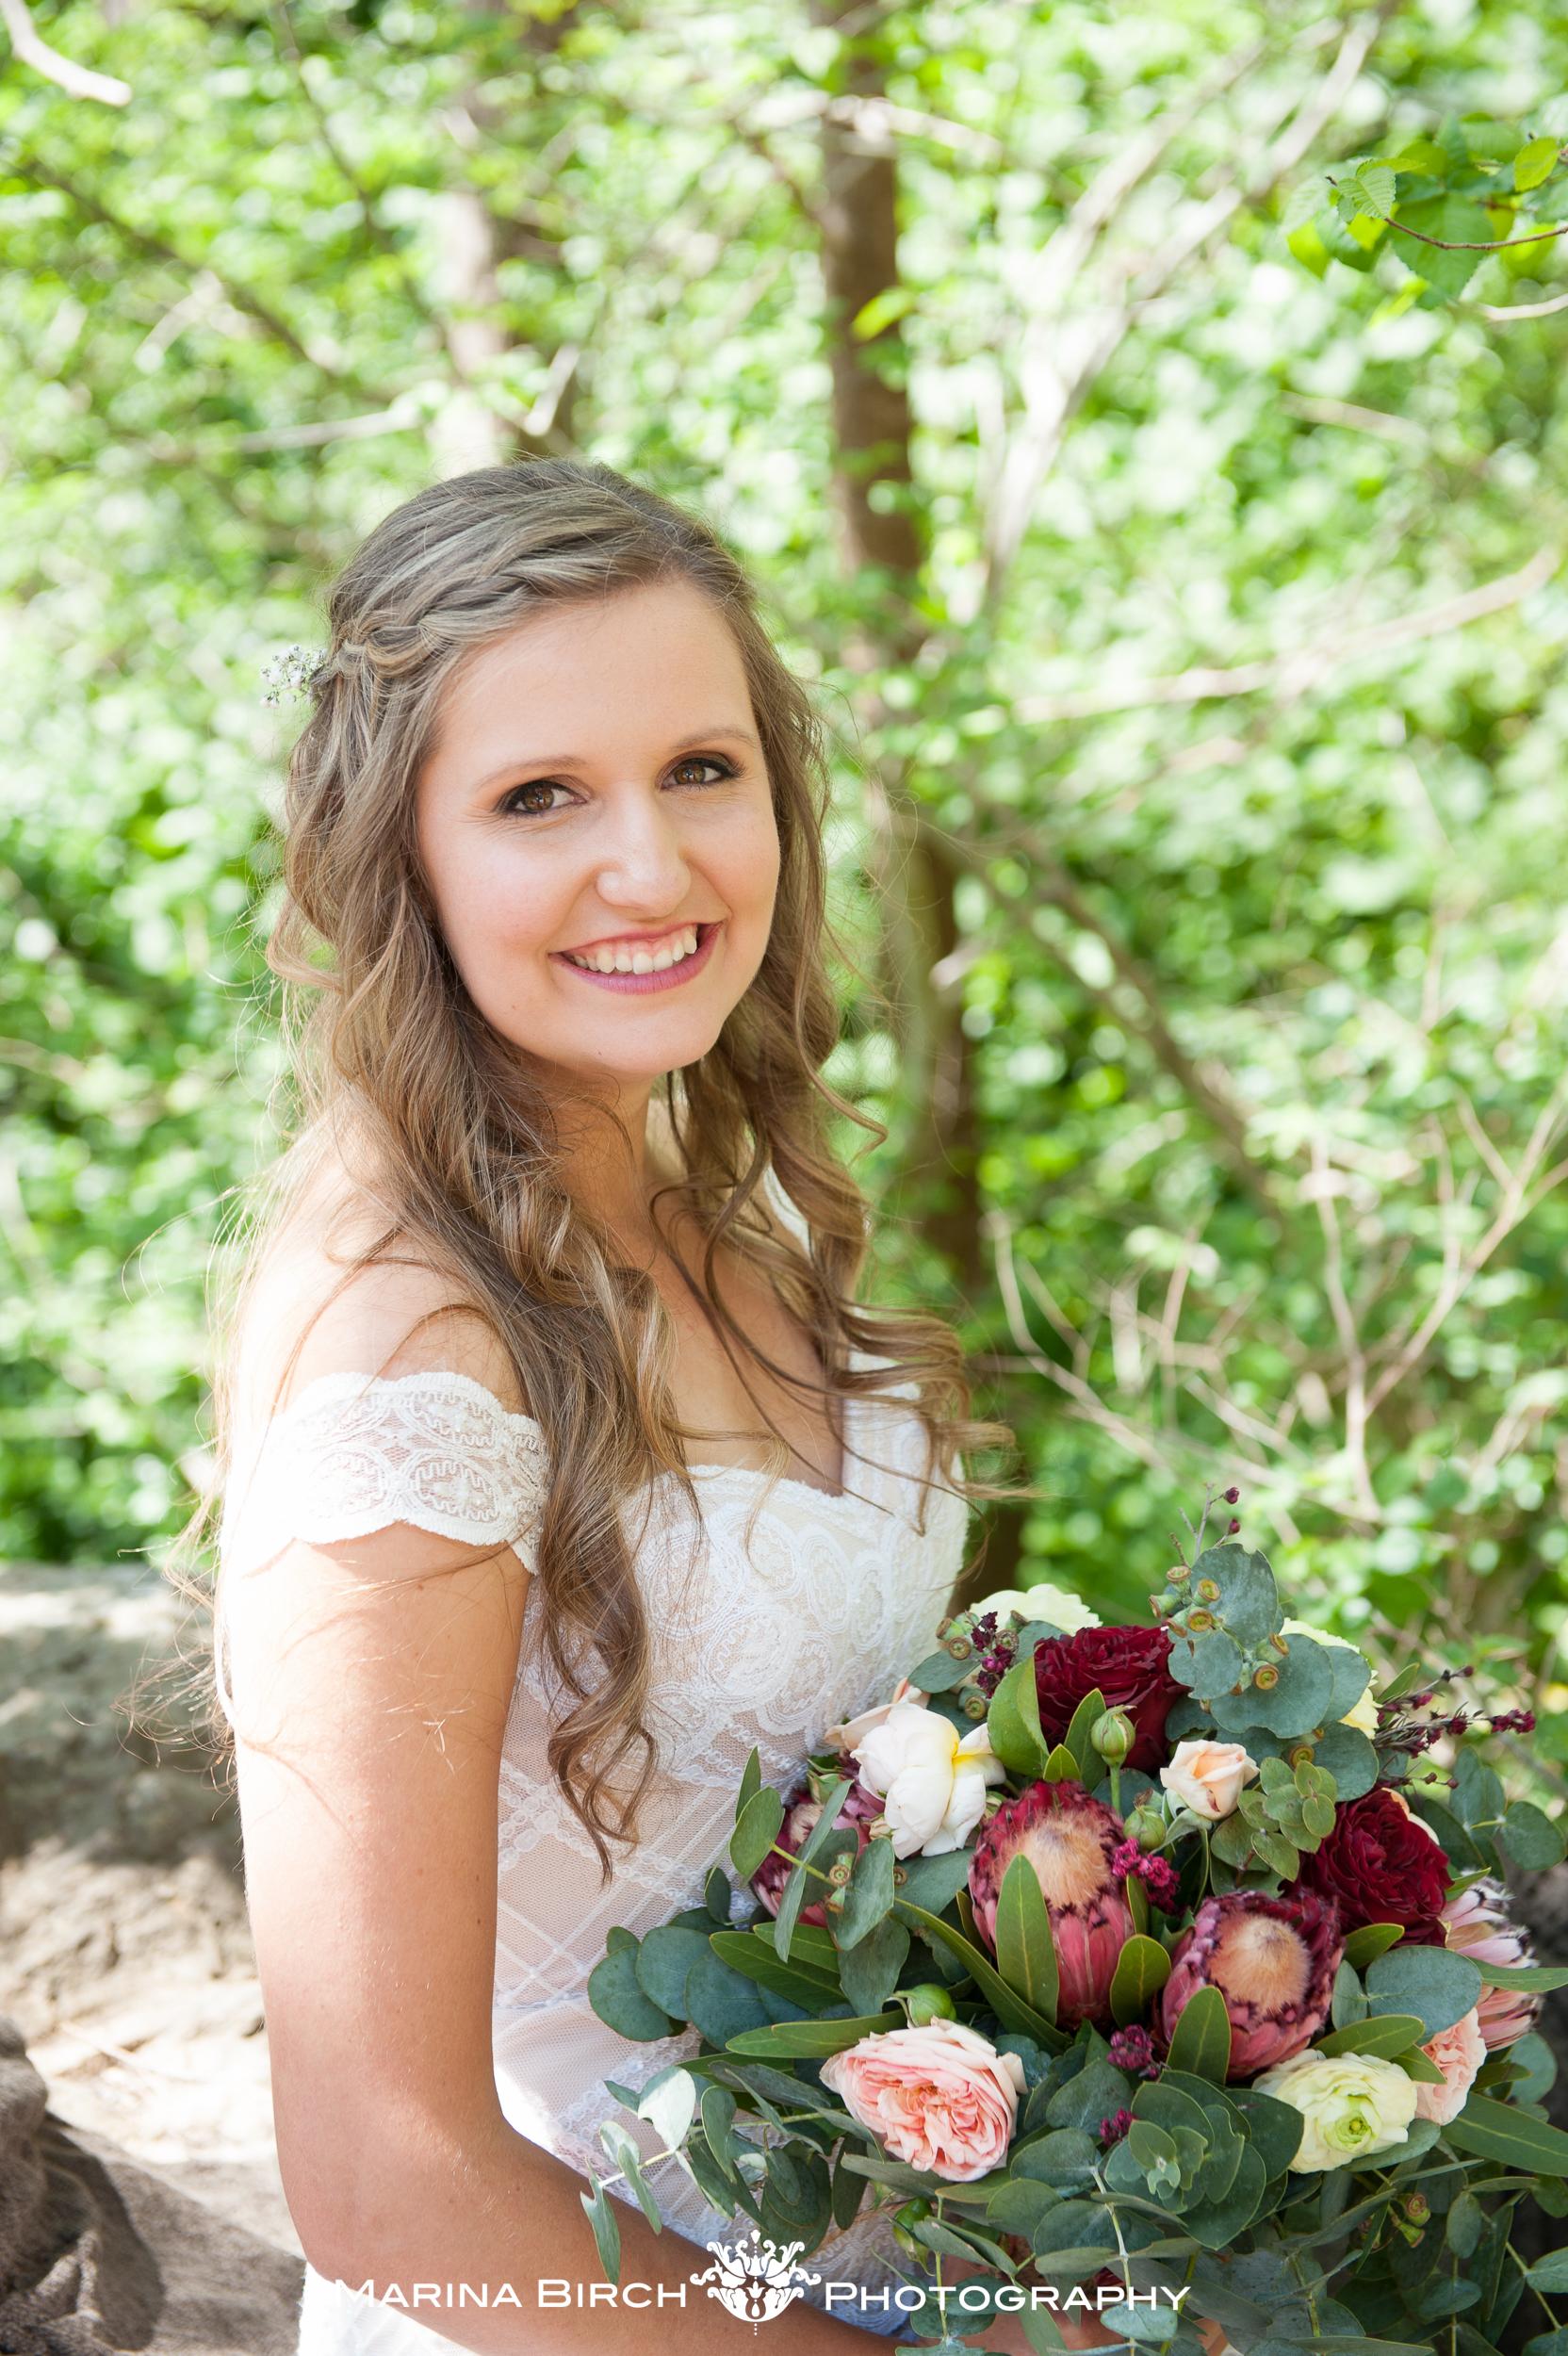 MBP.wedding -10.jpg